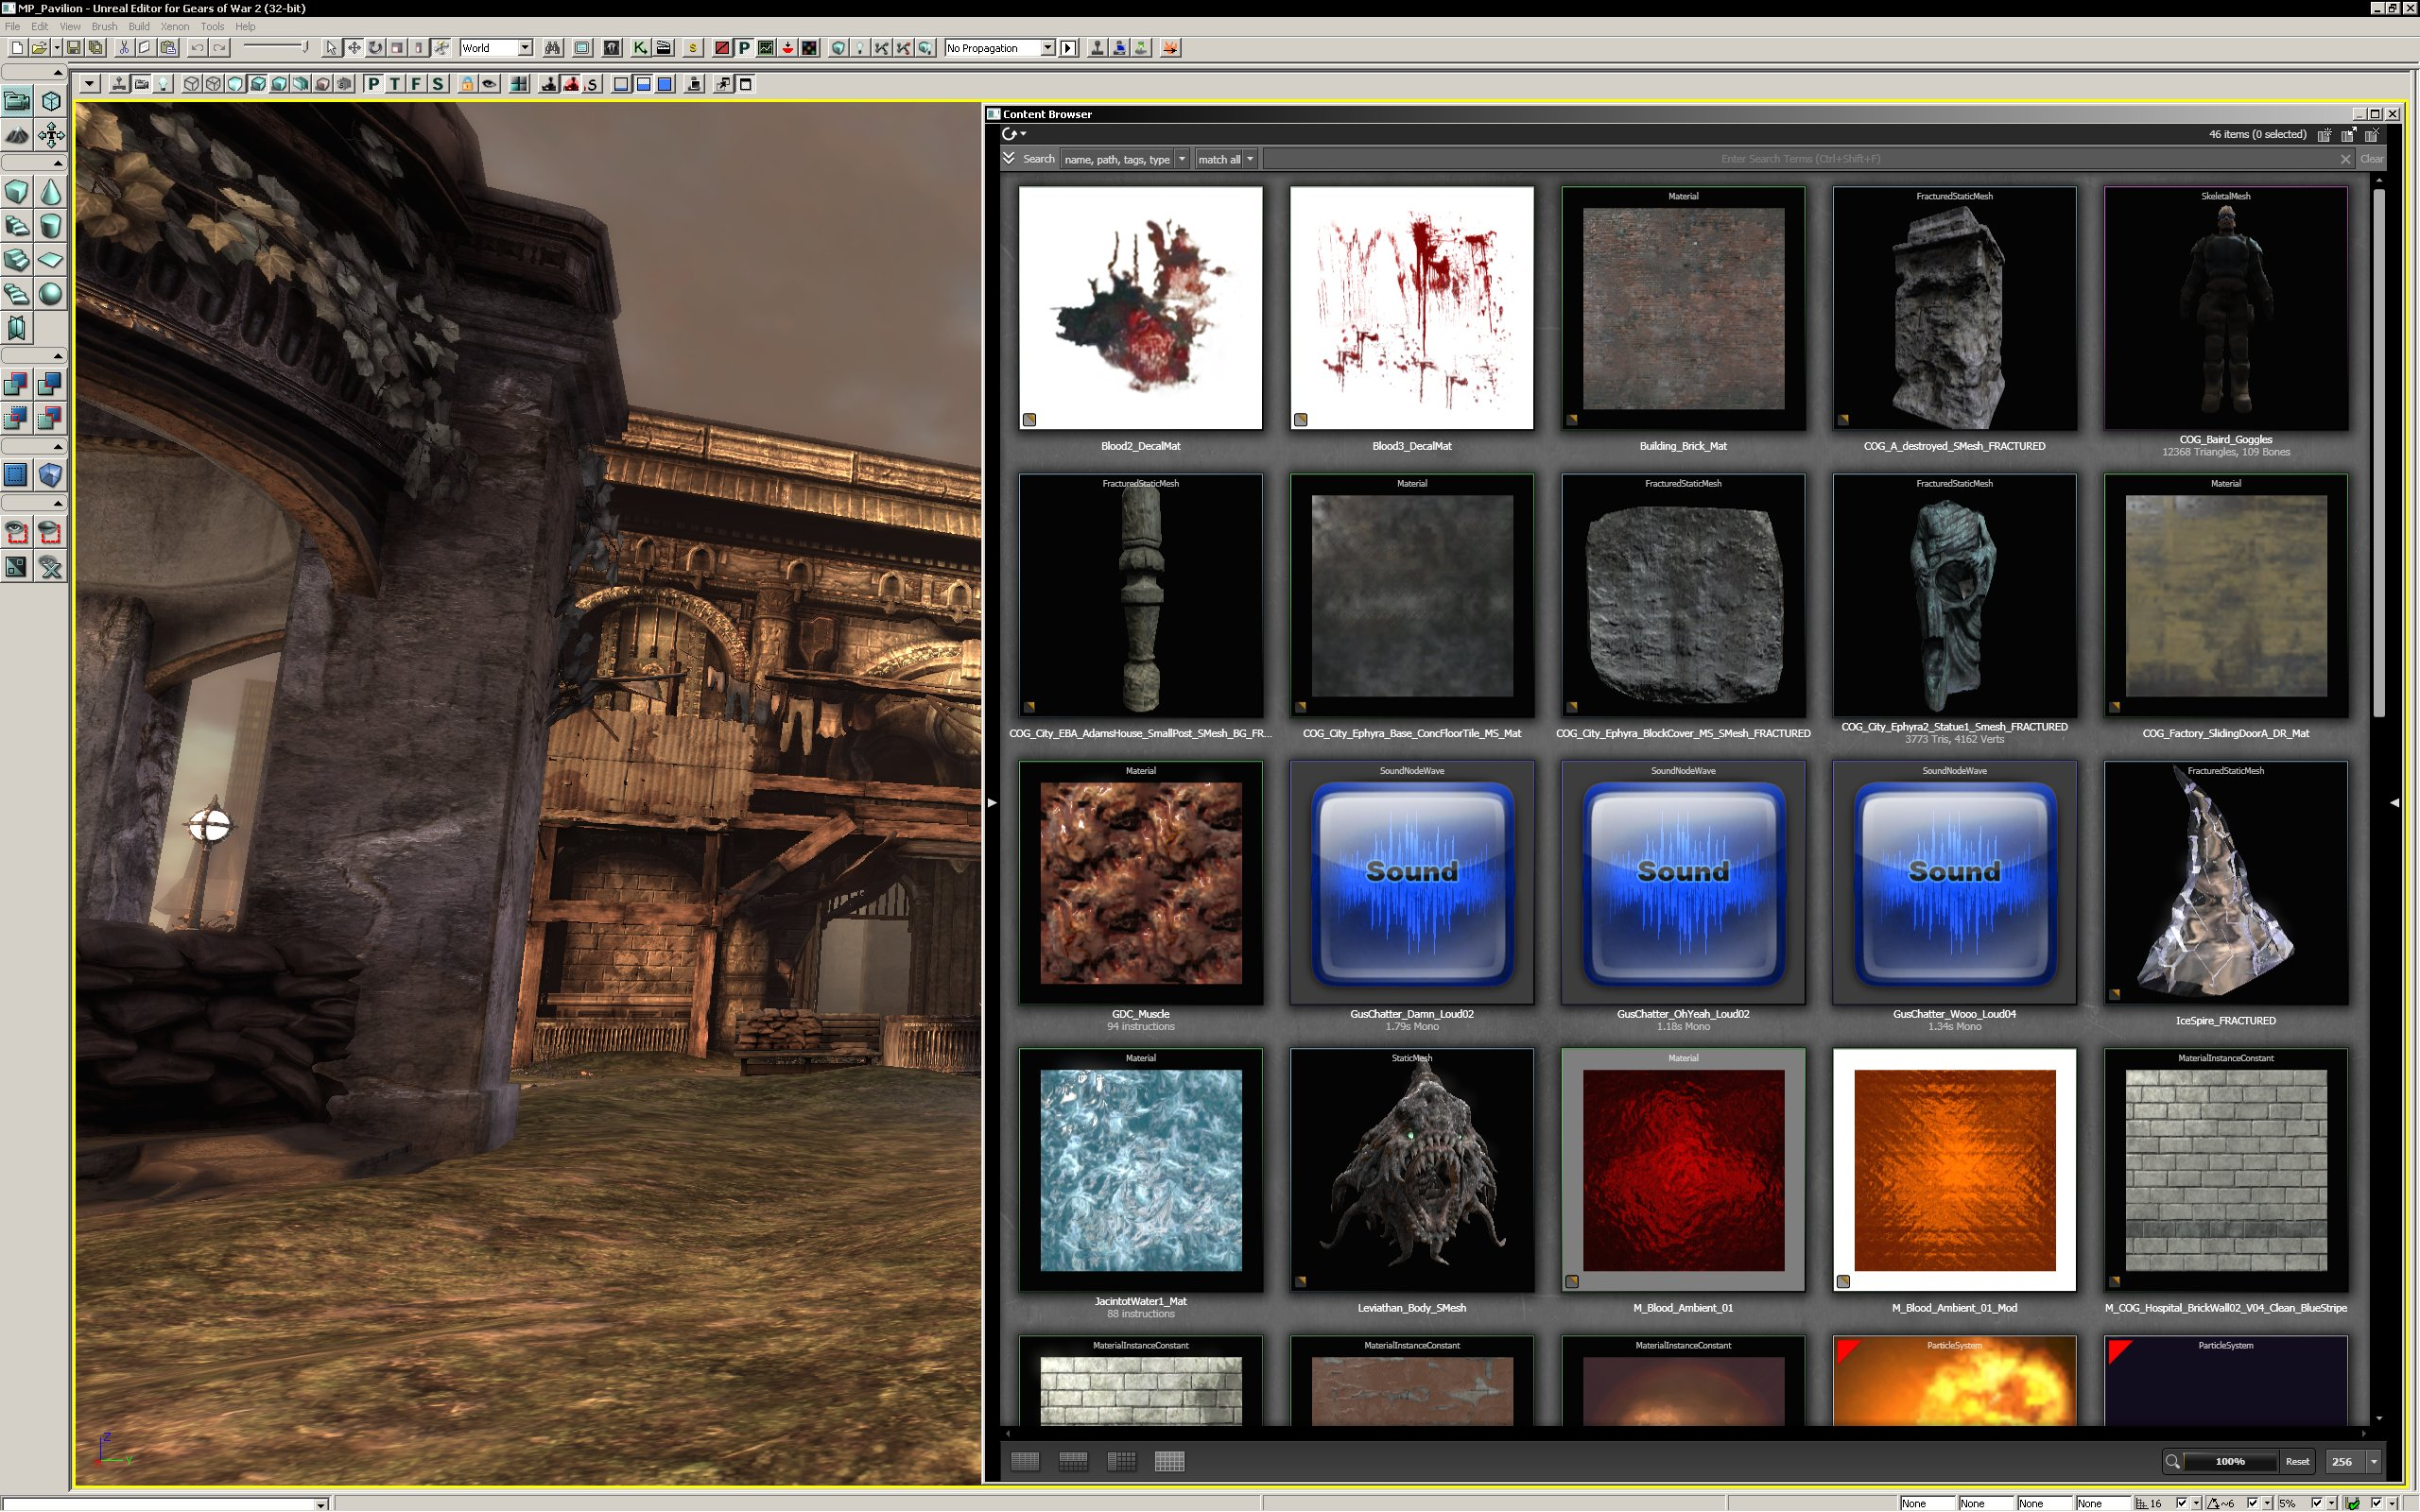 新「UE3」のコンテンツ・ブラウザ。「UE3」の各種エディタツールにアイテムをドラッグ・アンド・ドロップ可能